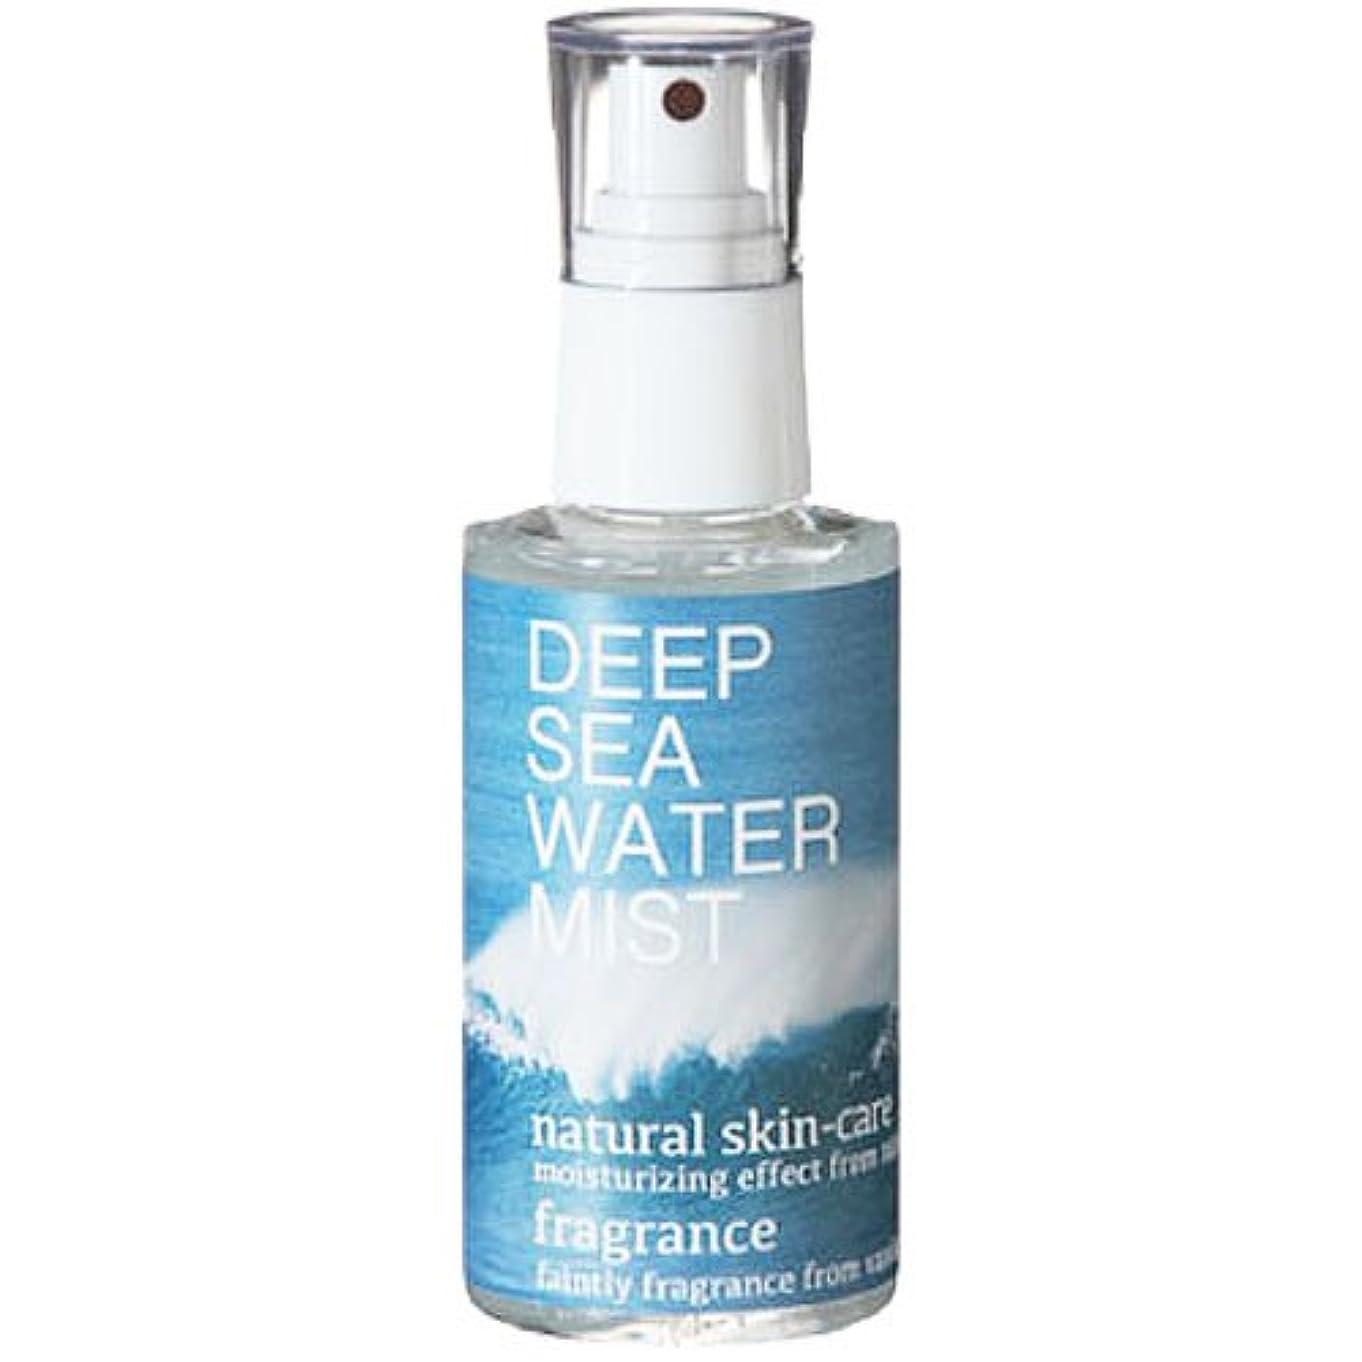 汚物オーク鷹メディワン  ナチュラルミスト  DEEP SEA WATER MIST(ディープシーウォーターミスト)  120ml